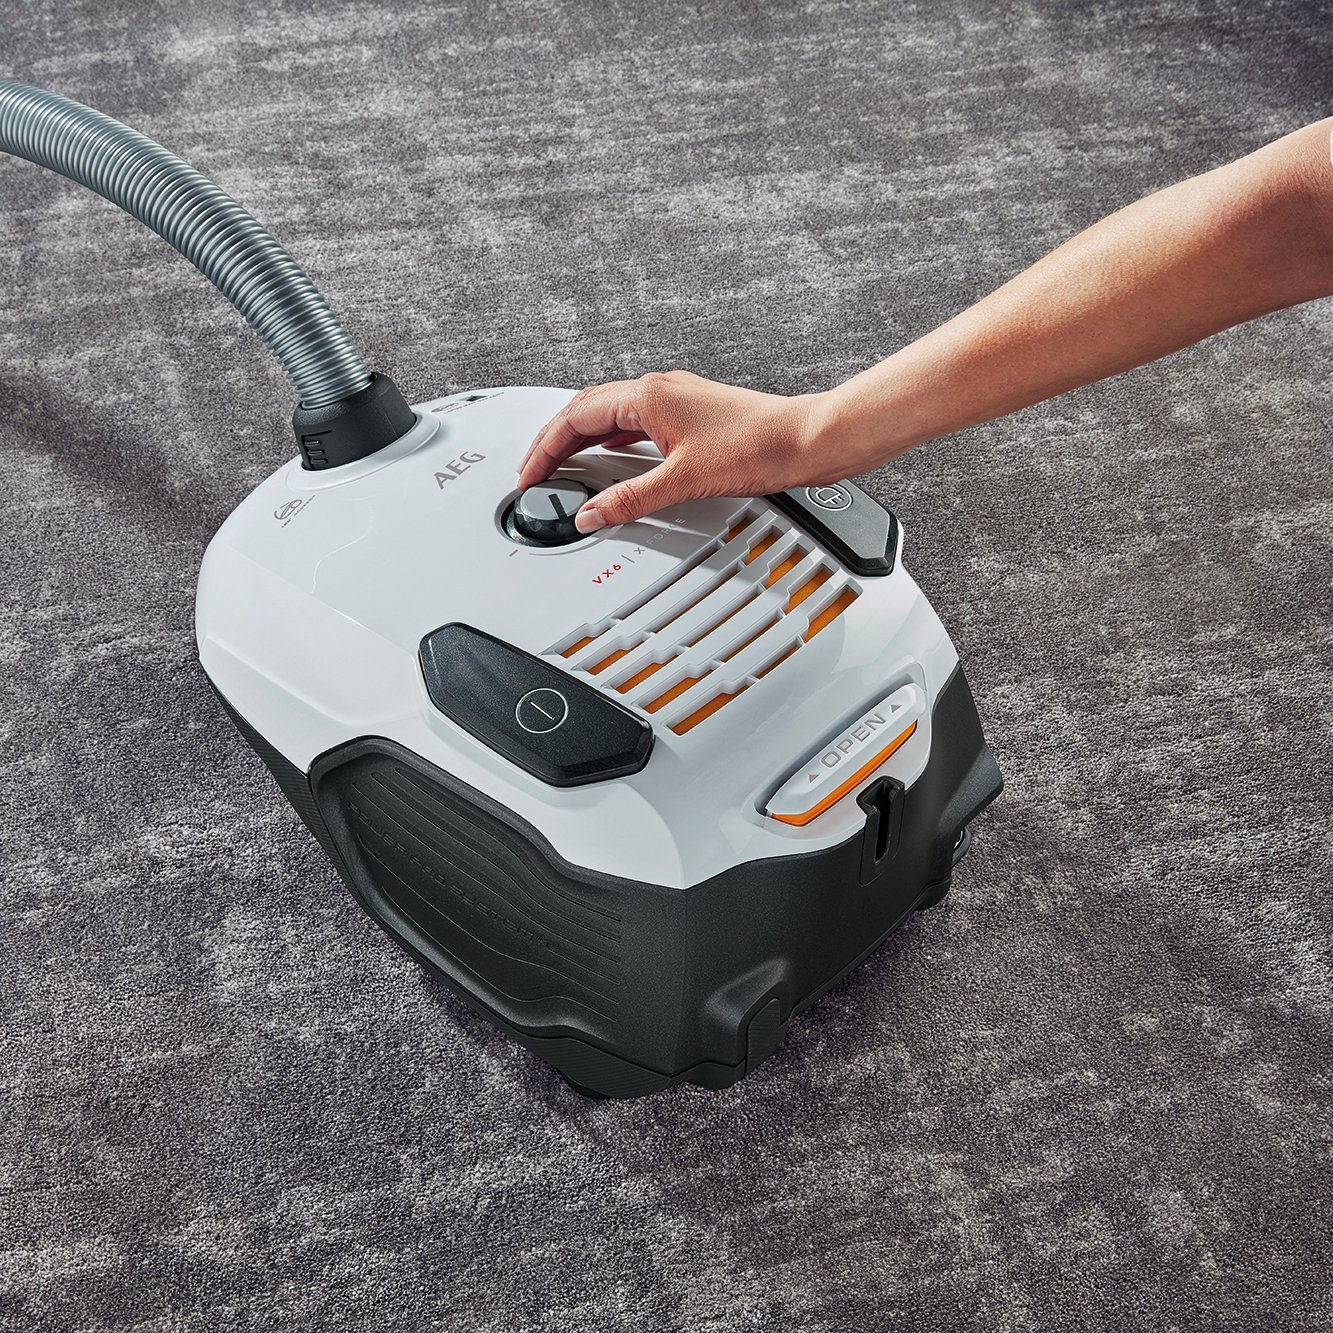 AEG VX6-2-IW-5 Staubsauger mit Beutel / 360° drehbare Räder / Zusatzdüsen und Staubbeutel / für Hart- und Teppichböden…